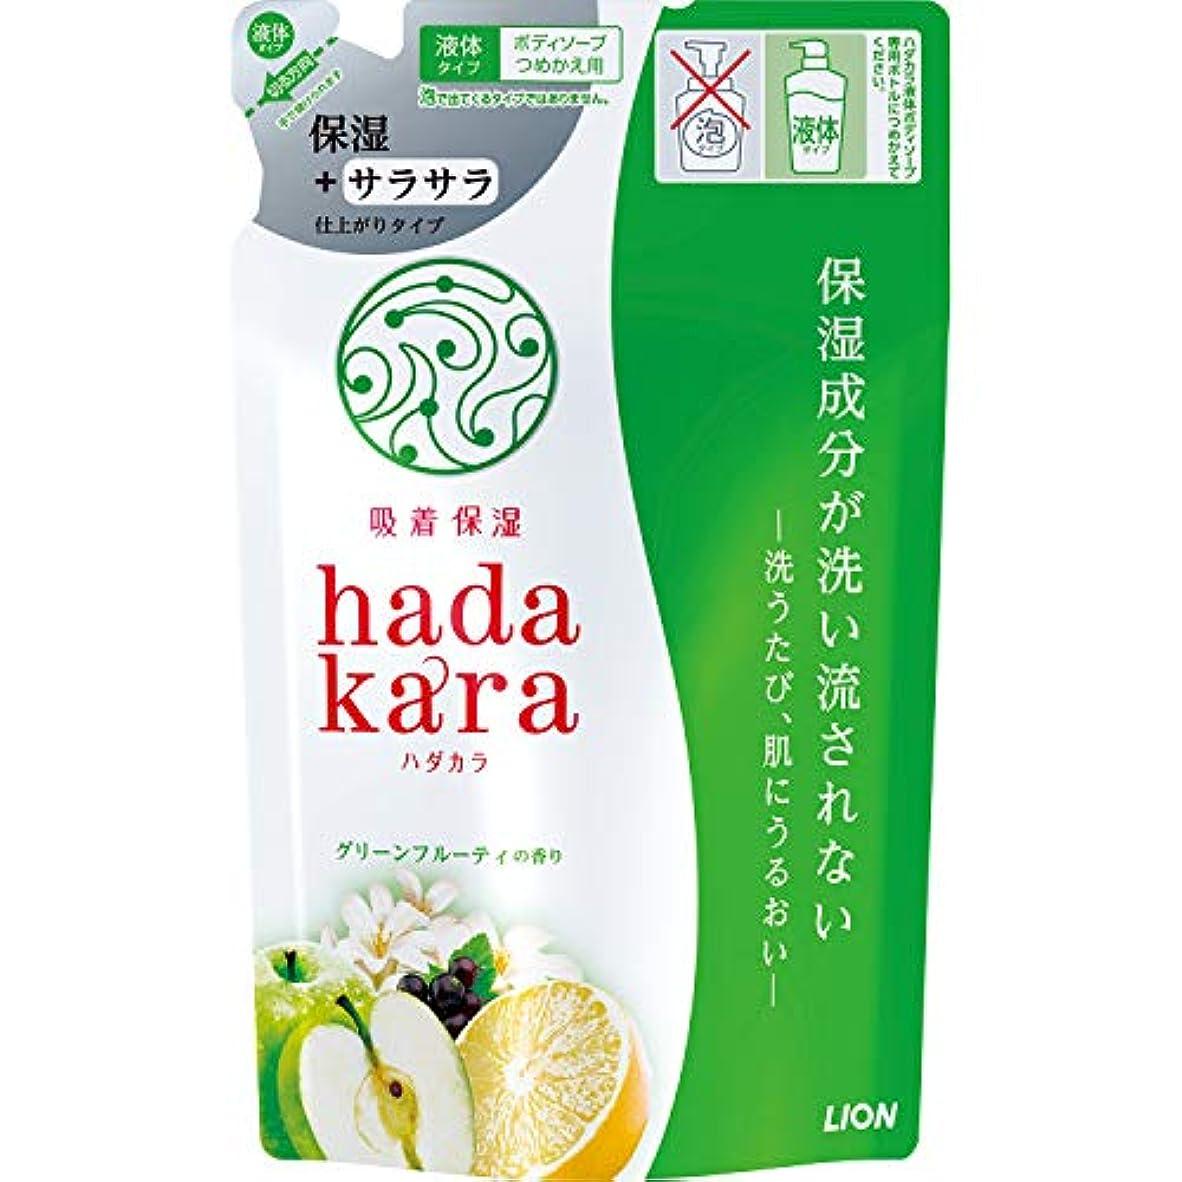 洗剤同封する最適hadakara(ハダカラ) ボディソープ 保湿+サラサラ仕上がりタイプ グリーンフルーティの香り 詰め替え 340ml